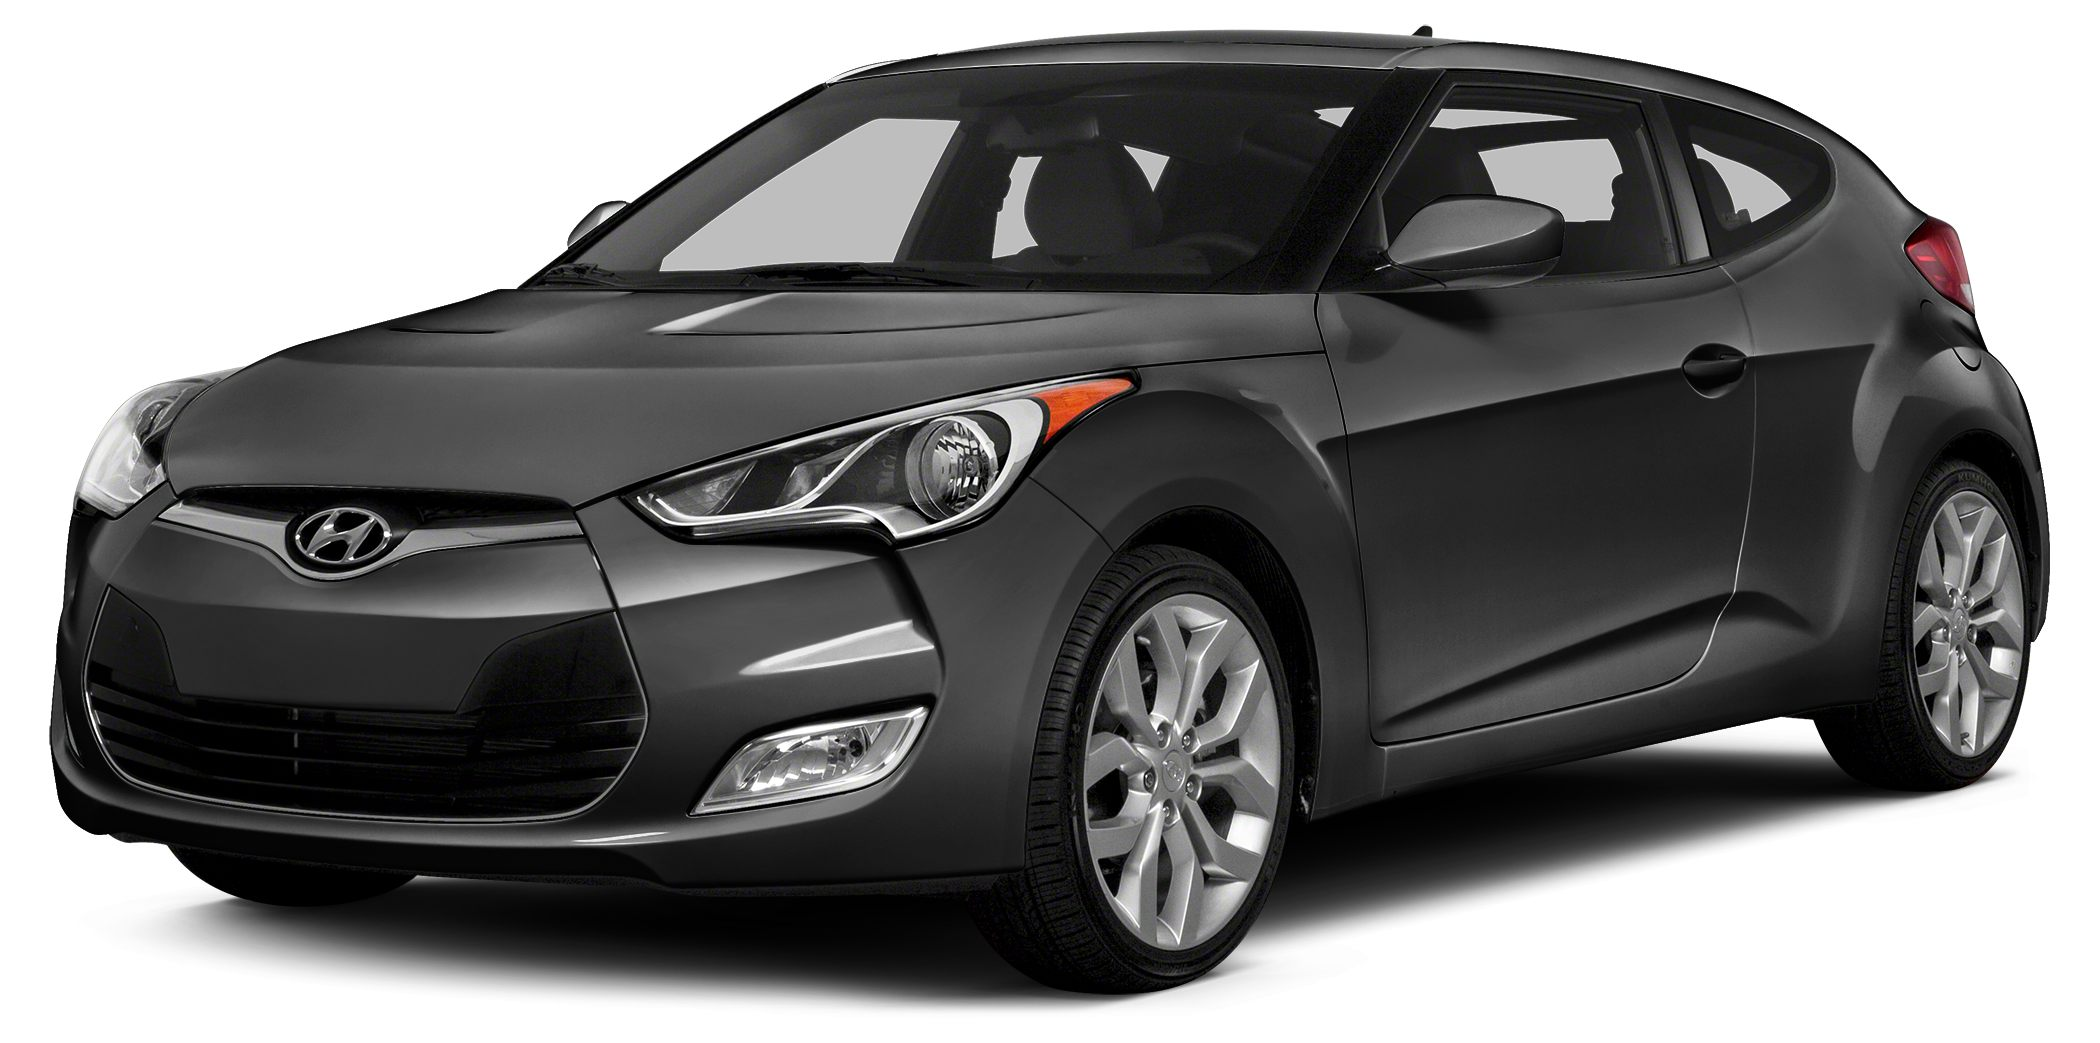 2015 Hyundai